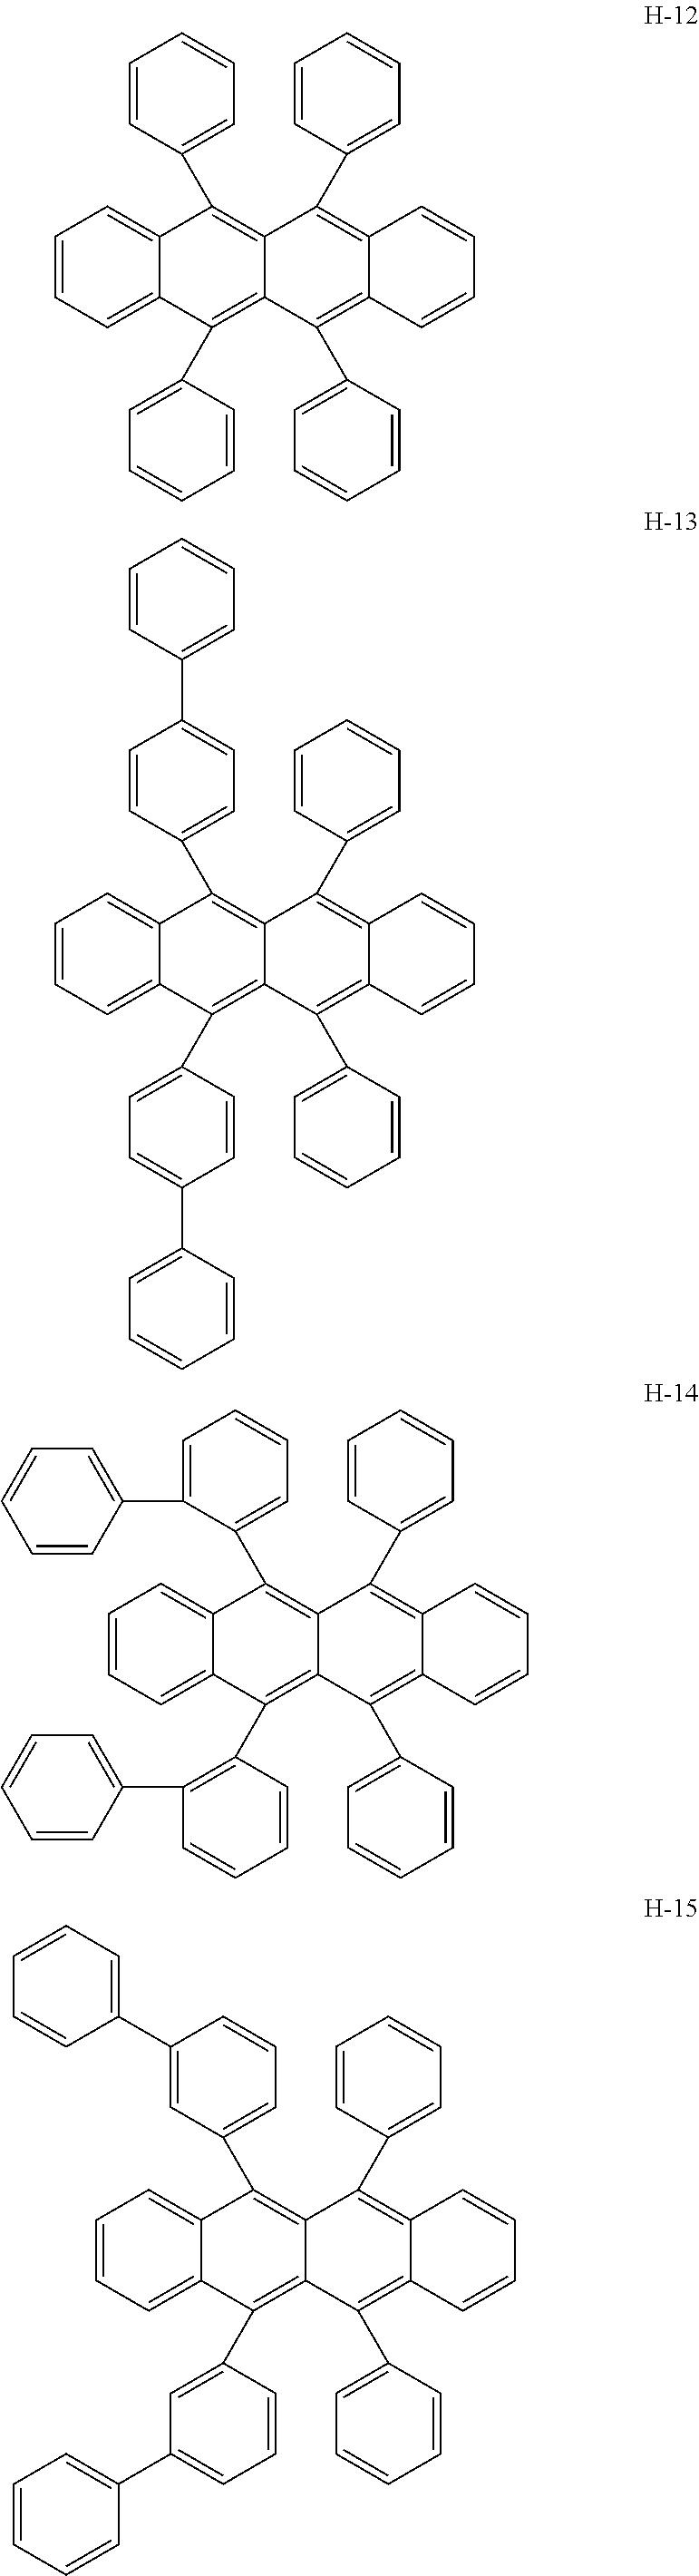 Figure US09799836-20171024-C00021